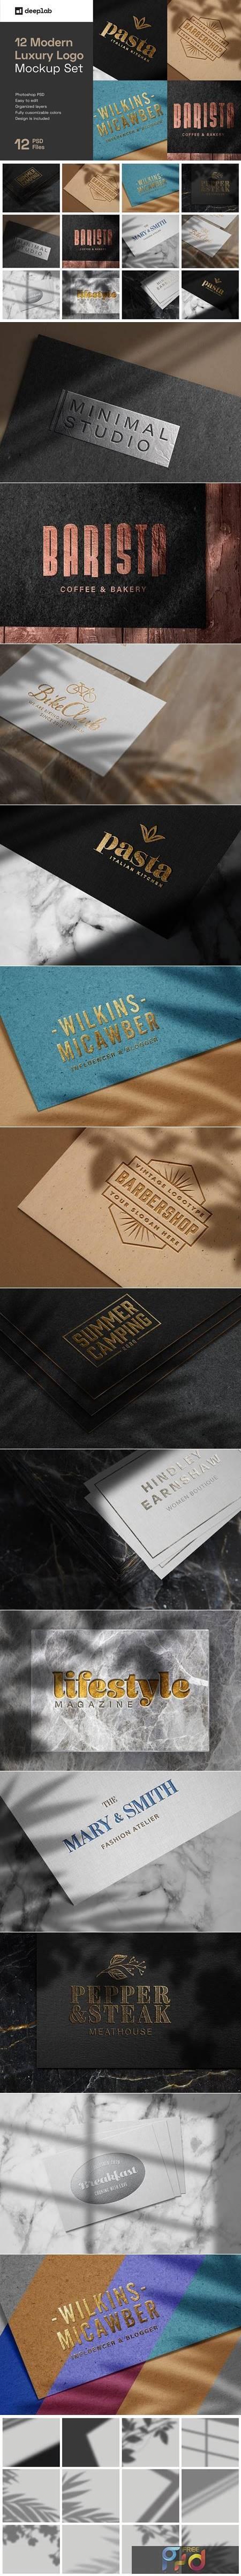 Elegant Luxury Logo Mockup Set 5144614 1